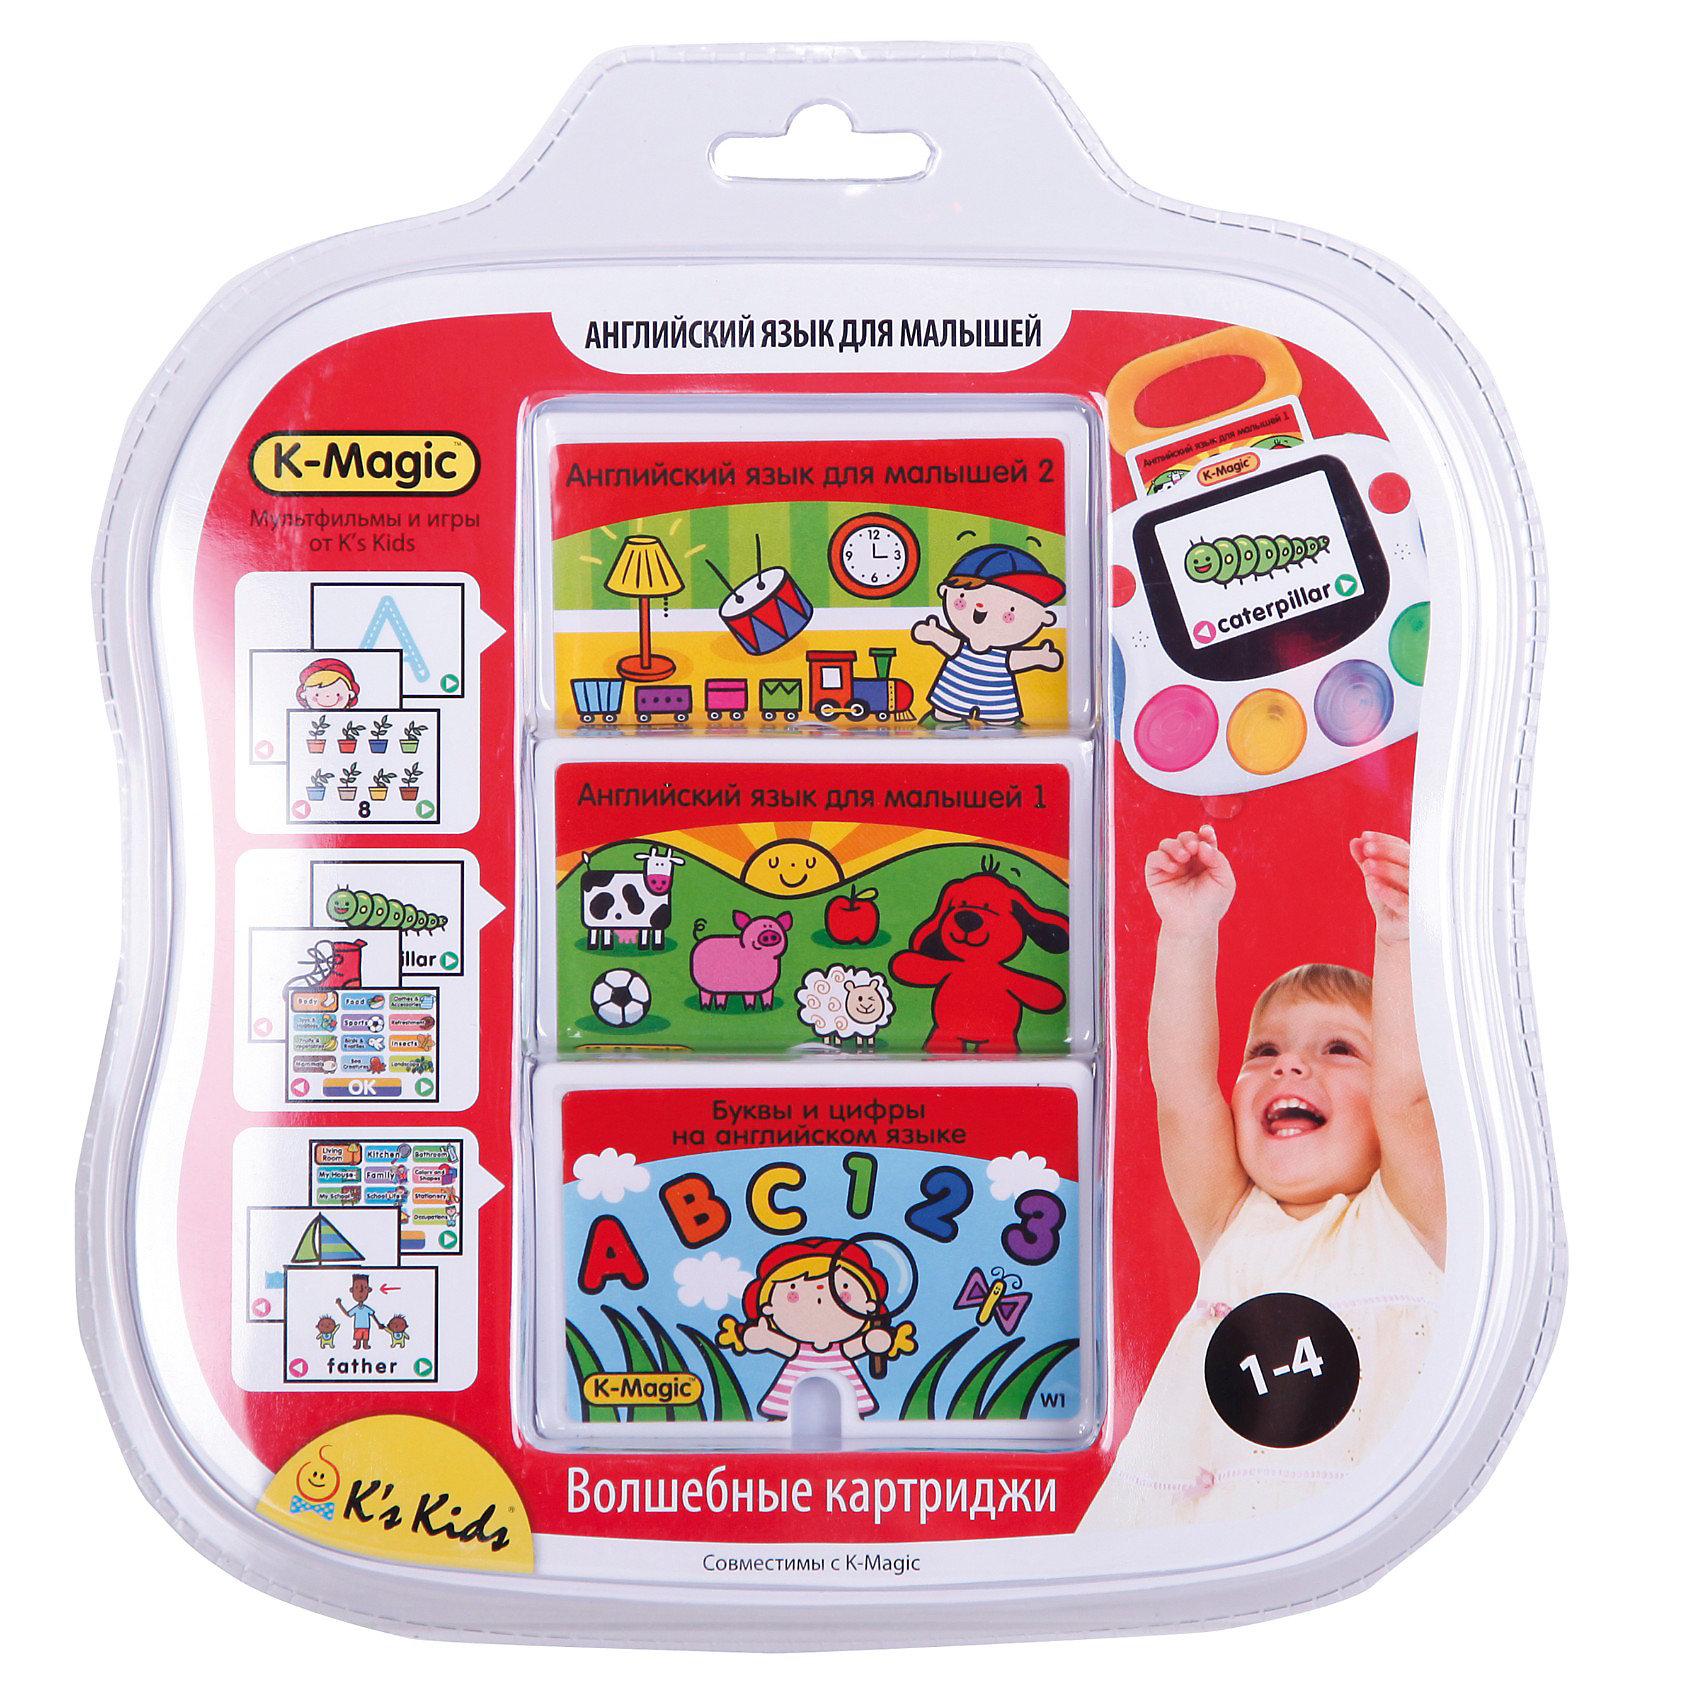 Набор картриджей K-Magic Английский язык для малышей, Ks KidsНабор картриджей K-Magic Английский язык для малышей - набор картриджей для обучающей игровой консоли K-Magic.<br><br>В наборе 3 картриджа, 24 игры по 3 уровня сложности . Картриджи: Английский язык 1, Английский язык 2, Буквы и цифры на английском языке. Игры помогают узнать более 200 слов на английском языке, их произношение и написание.<br>Пройти задания помогают герои Ks Kids кошечка Ми-Ми, мишки Бобби и Сэм, собачка Патрик, Джулия, Уэйн и зайчик Иван. Если малыш выбирает неправильный ответ, на дисплее консоли появляется герой Ks Kids и отрицательно качает головой. Если ответ верный – герой Ks Kids радостно поприветствует и подбодрит малыша продолжать игру. После каждого уровня игрок получает звездочку.<br><br>Дополнительная информация:<br><br>- В комплект входит: 1 набор, состоящий из 3х картиджей Английский язык для малышей.<br>- Подходит для игровой консоли K-magic.<br><br>Ширина мм: 230<br>Глубина мм: 35<br>Высота мм: 210<br>Вес г: 180<br>Возраст от месяцев: 12<br>Возраст до месяцев: 60<br>Пол: Унисекс<br>Возраст: Детский<br>SKU: 2620722